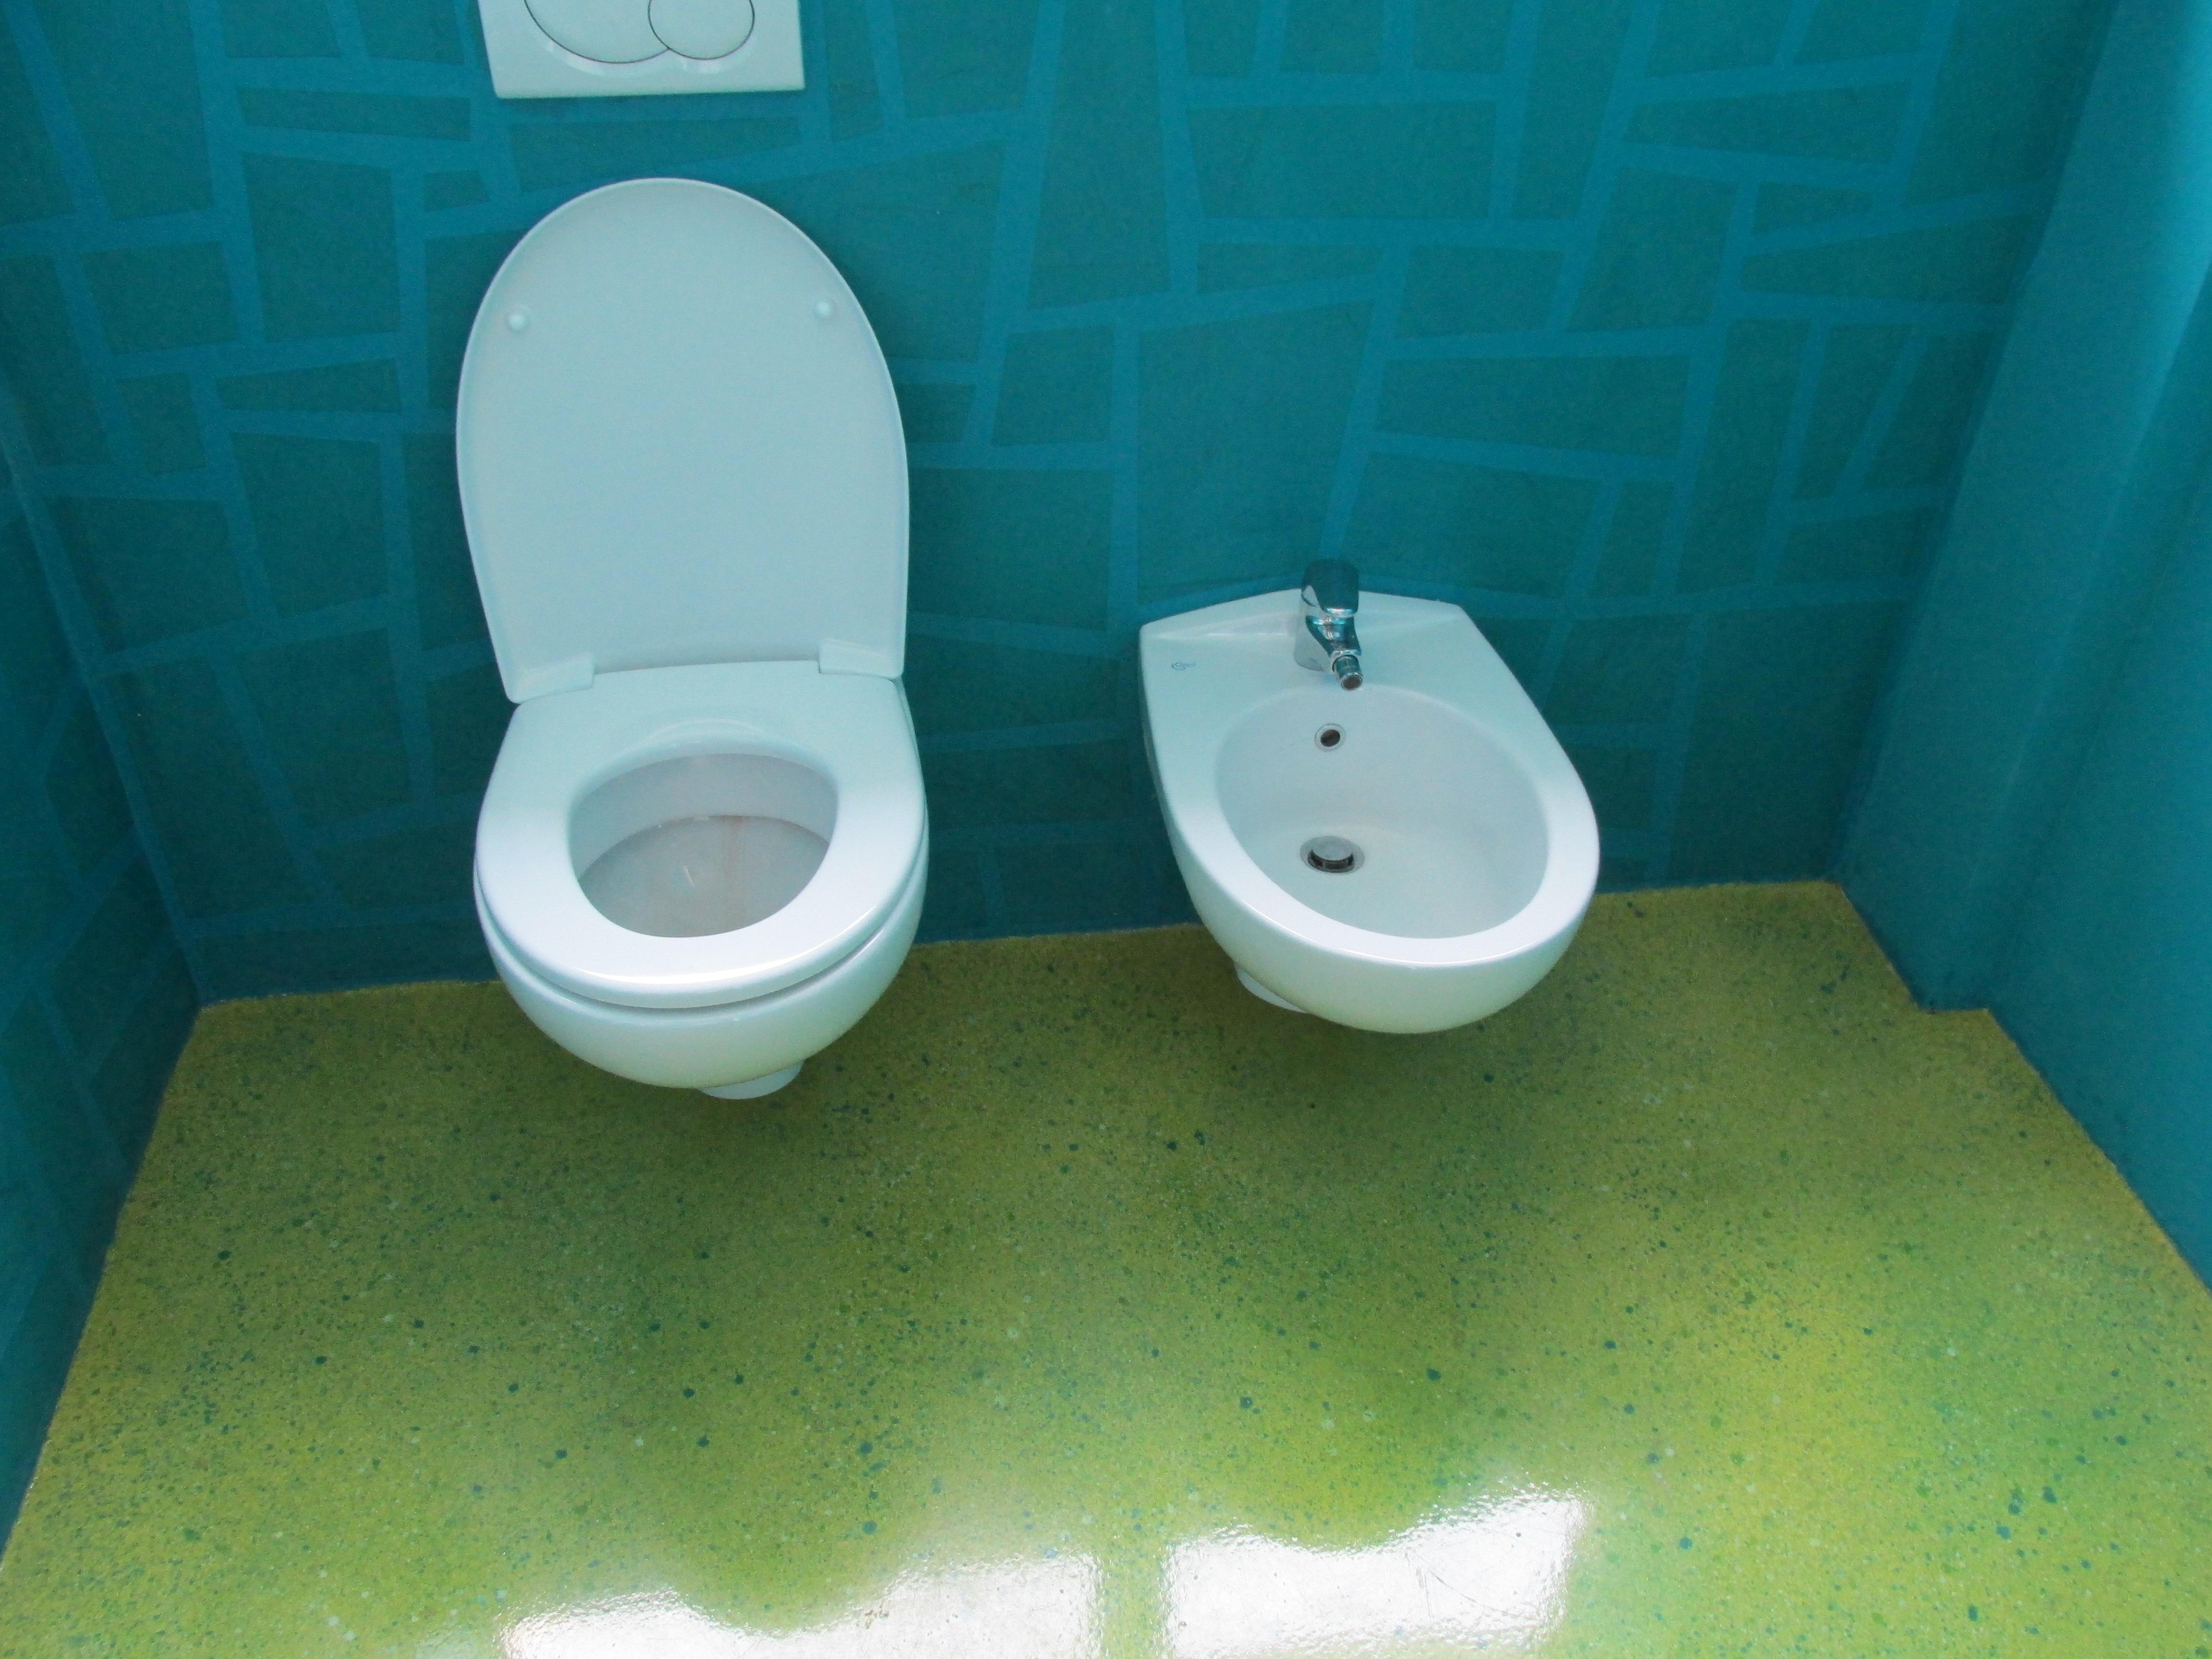 Baño con resina Fotoluminiscente